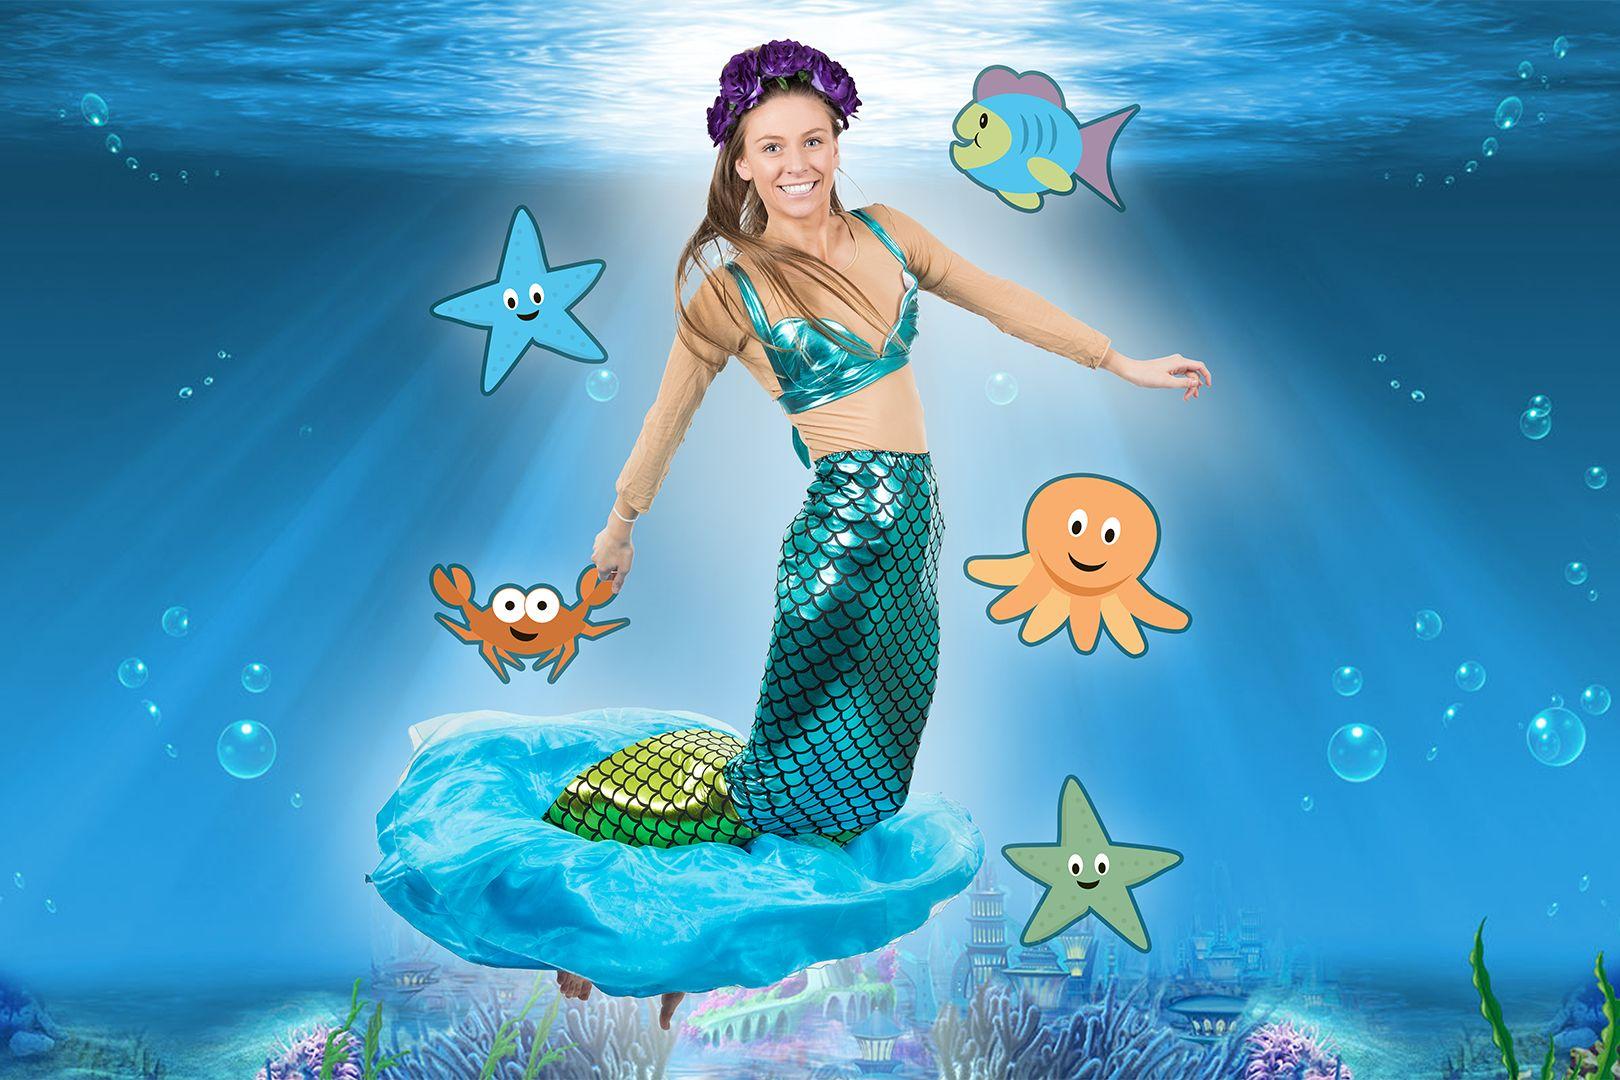 2017-08-19 - TPG - Mermaids-9822-3x2.jpg